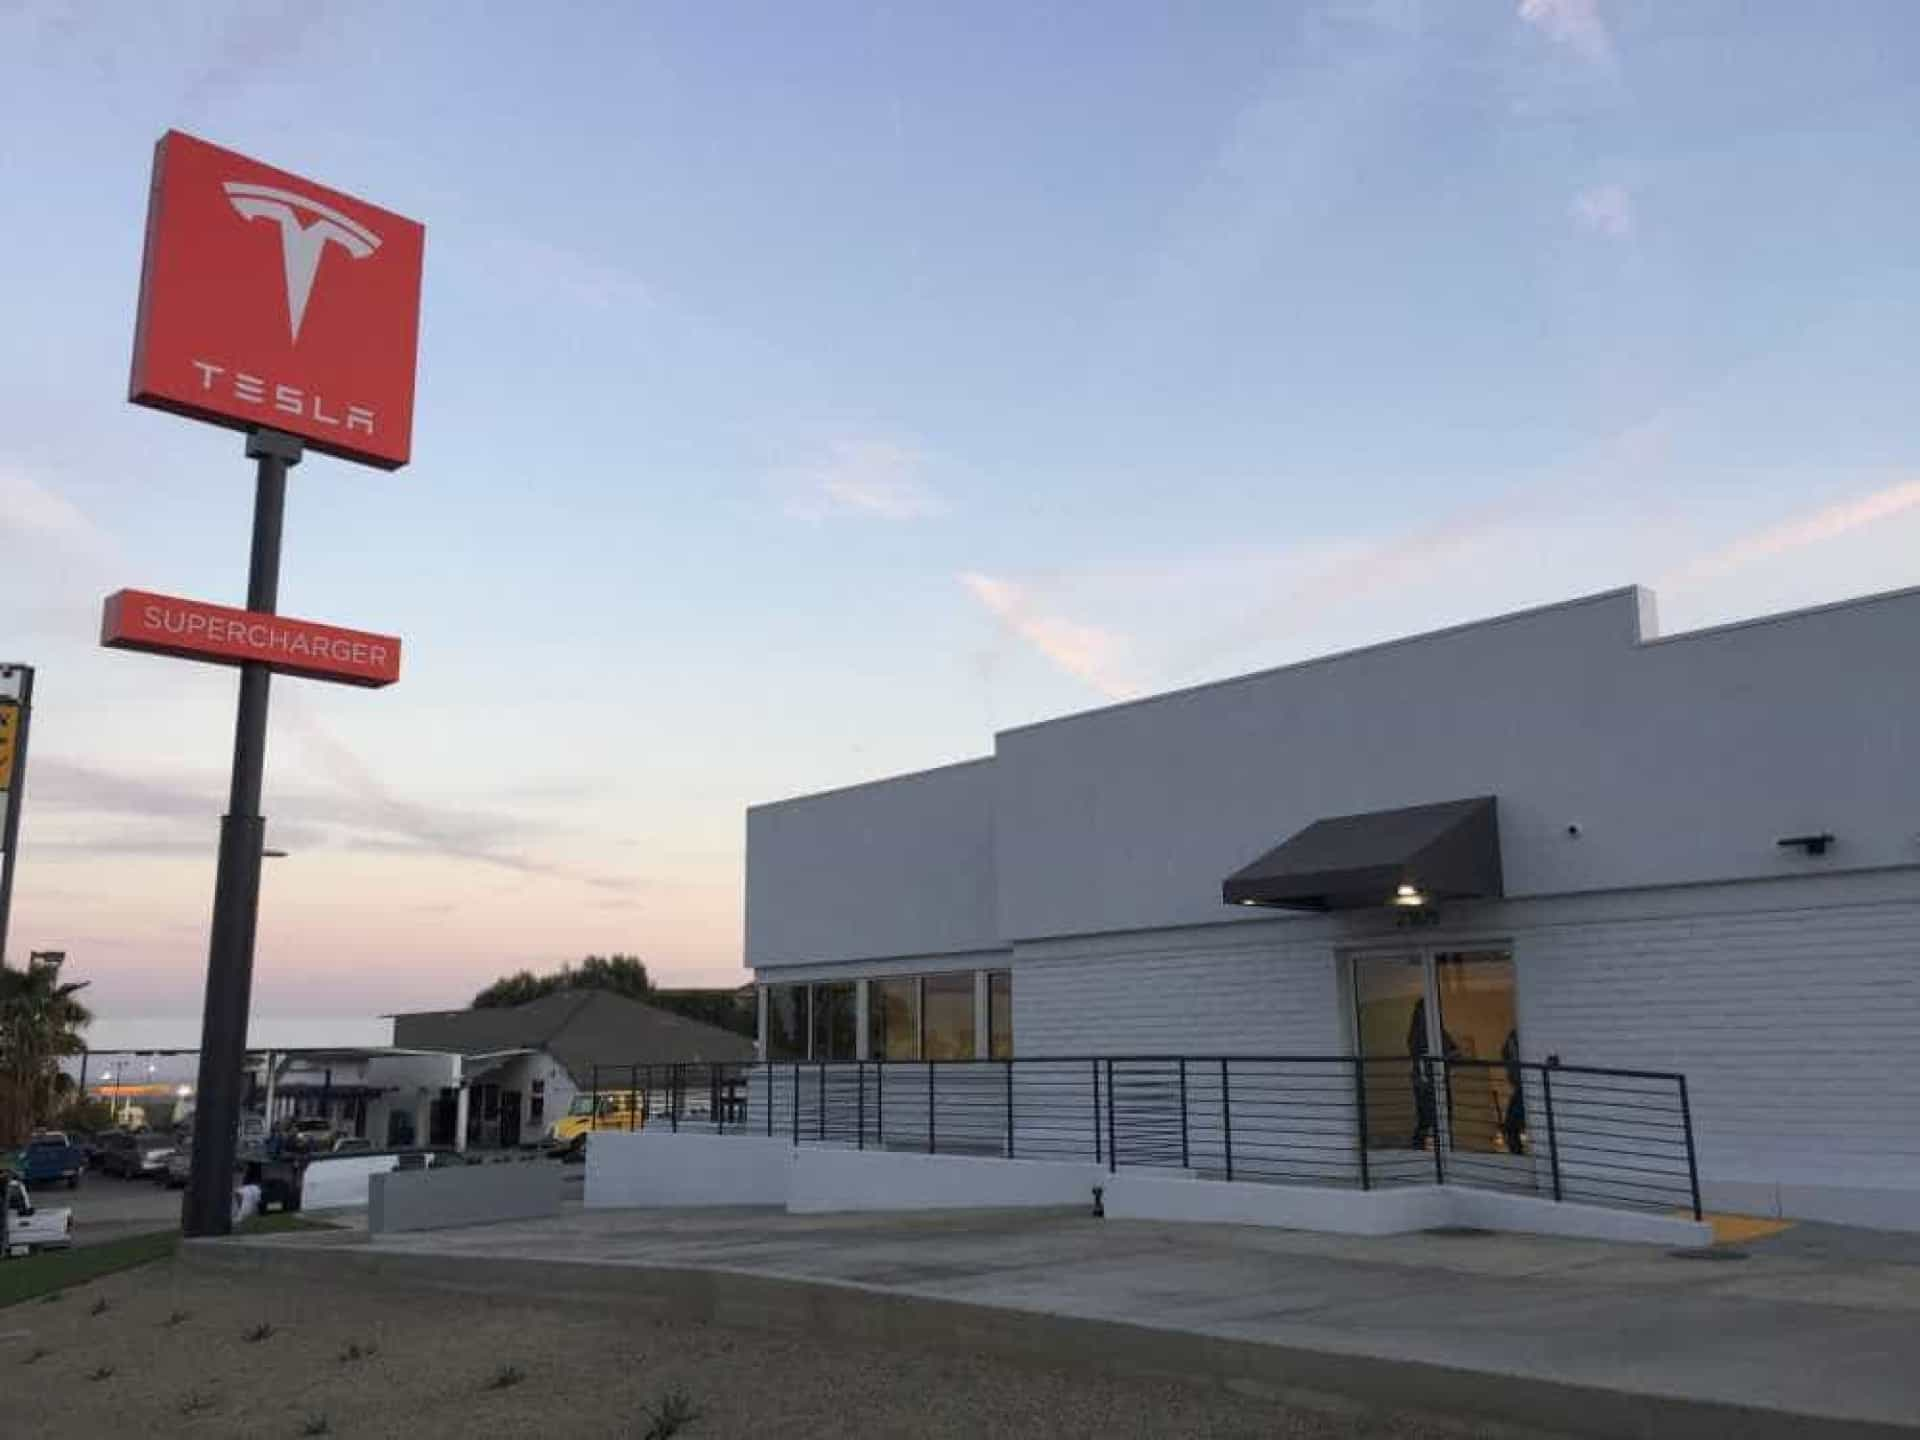 Esta é a maior estação de carregamento da Tesla. Veja as fotografias